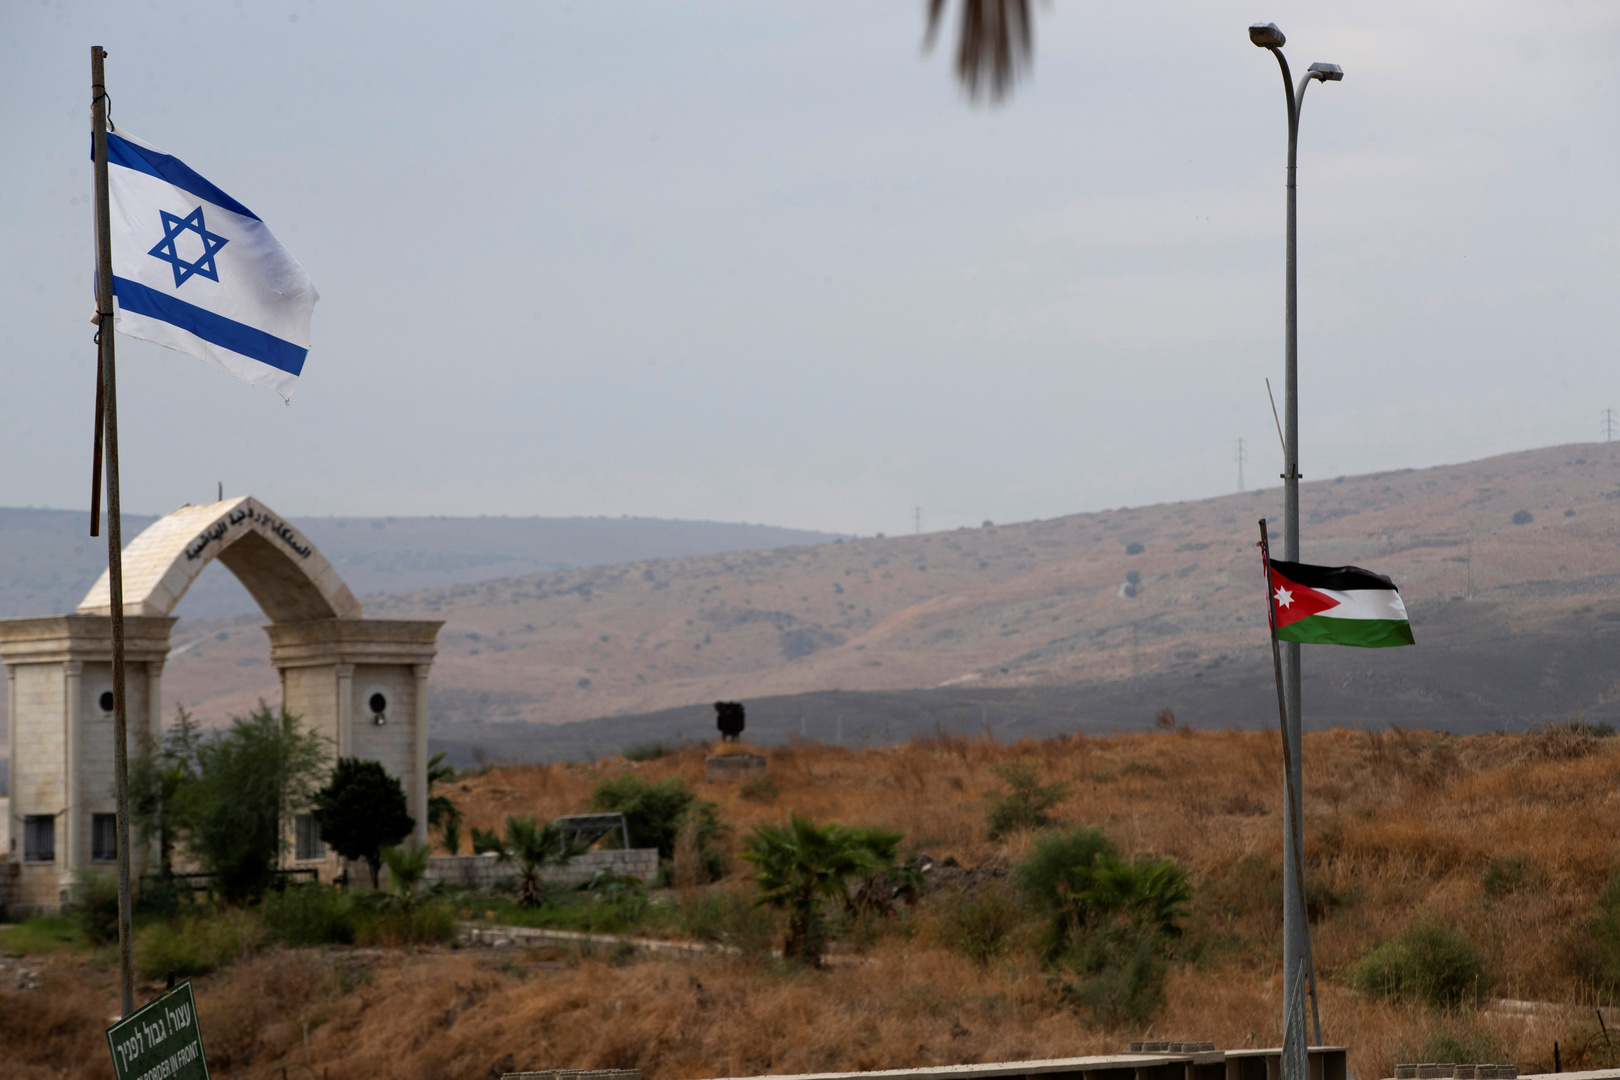 الأردن يرفض طلب إسرائيل الاحتفال بذكرى معاهدة السلام